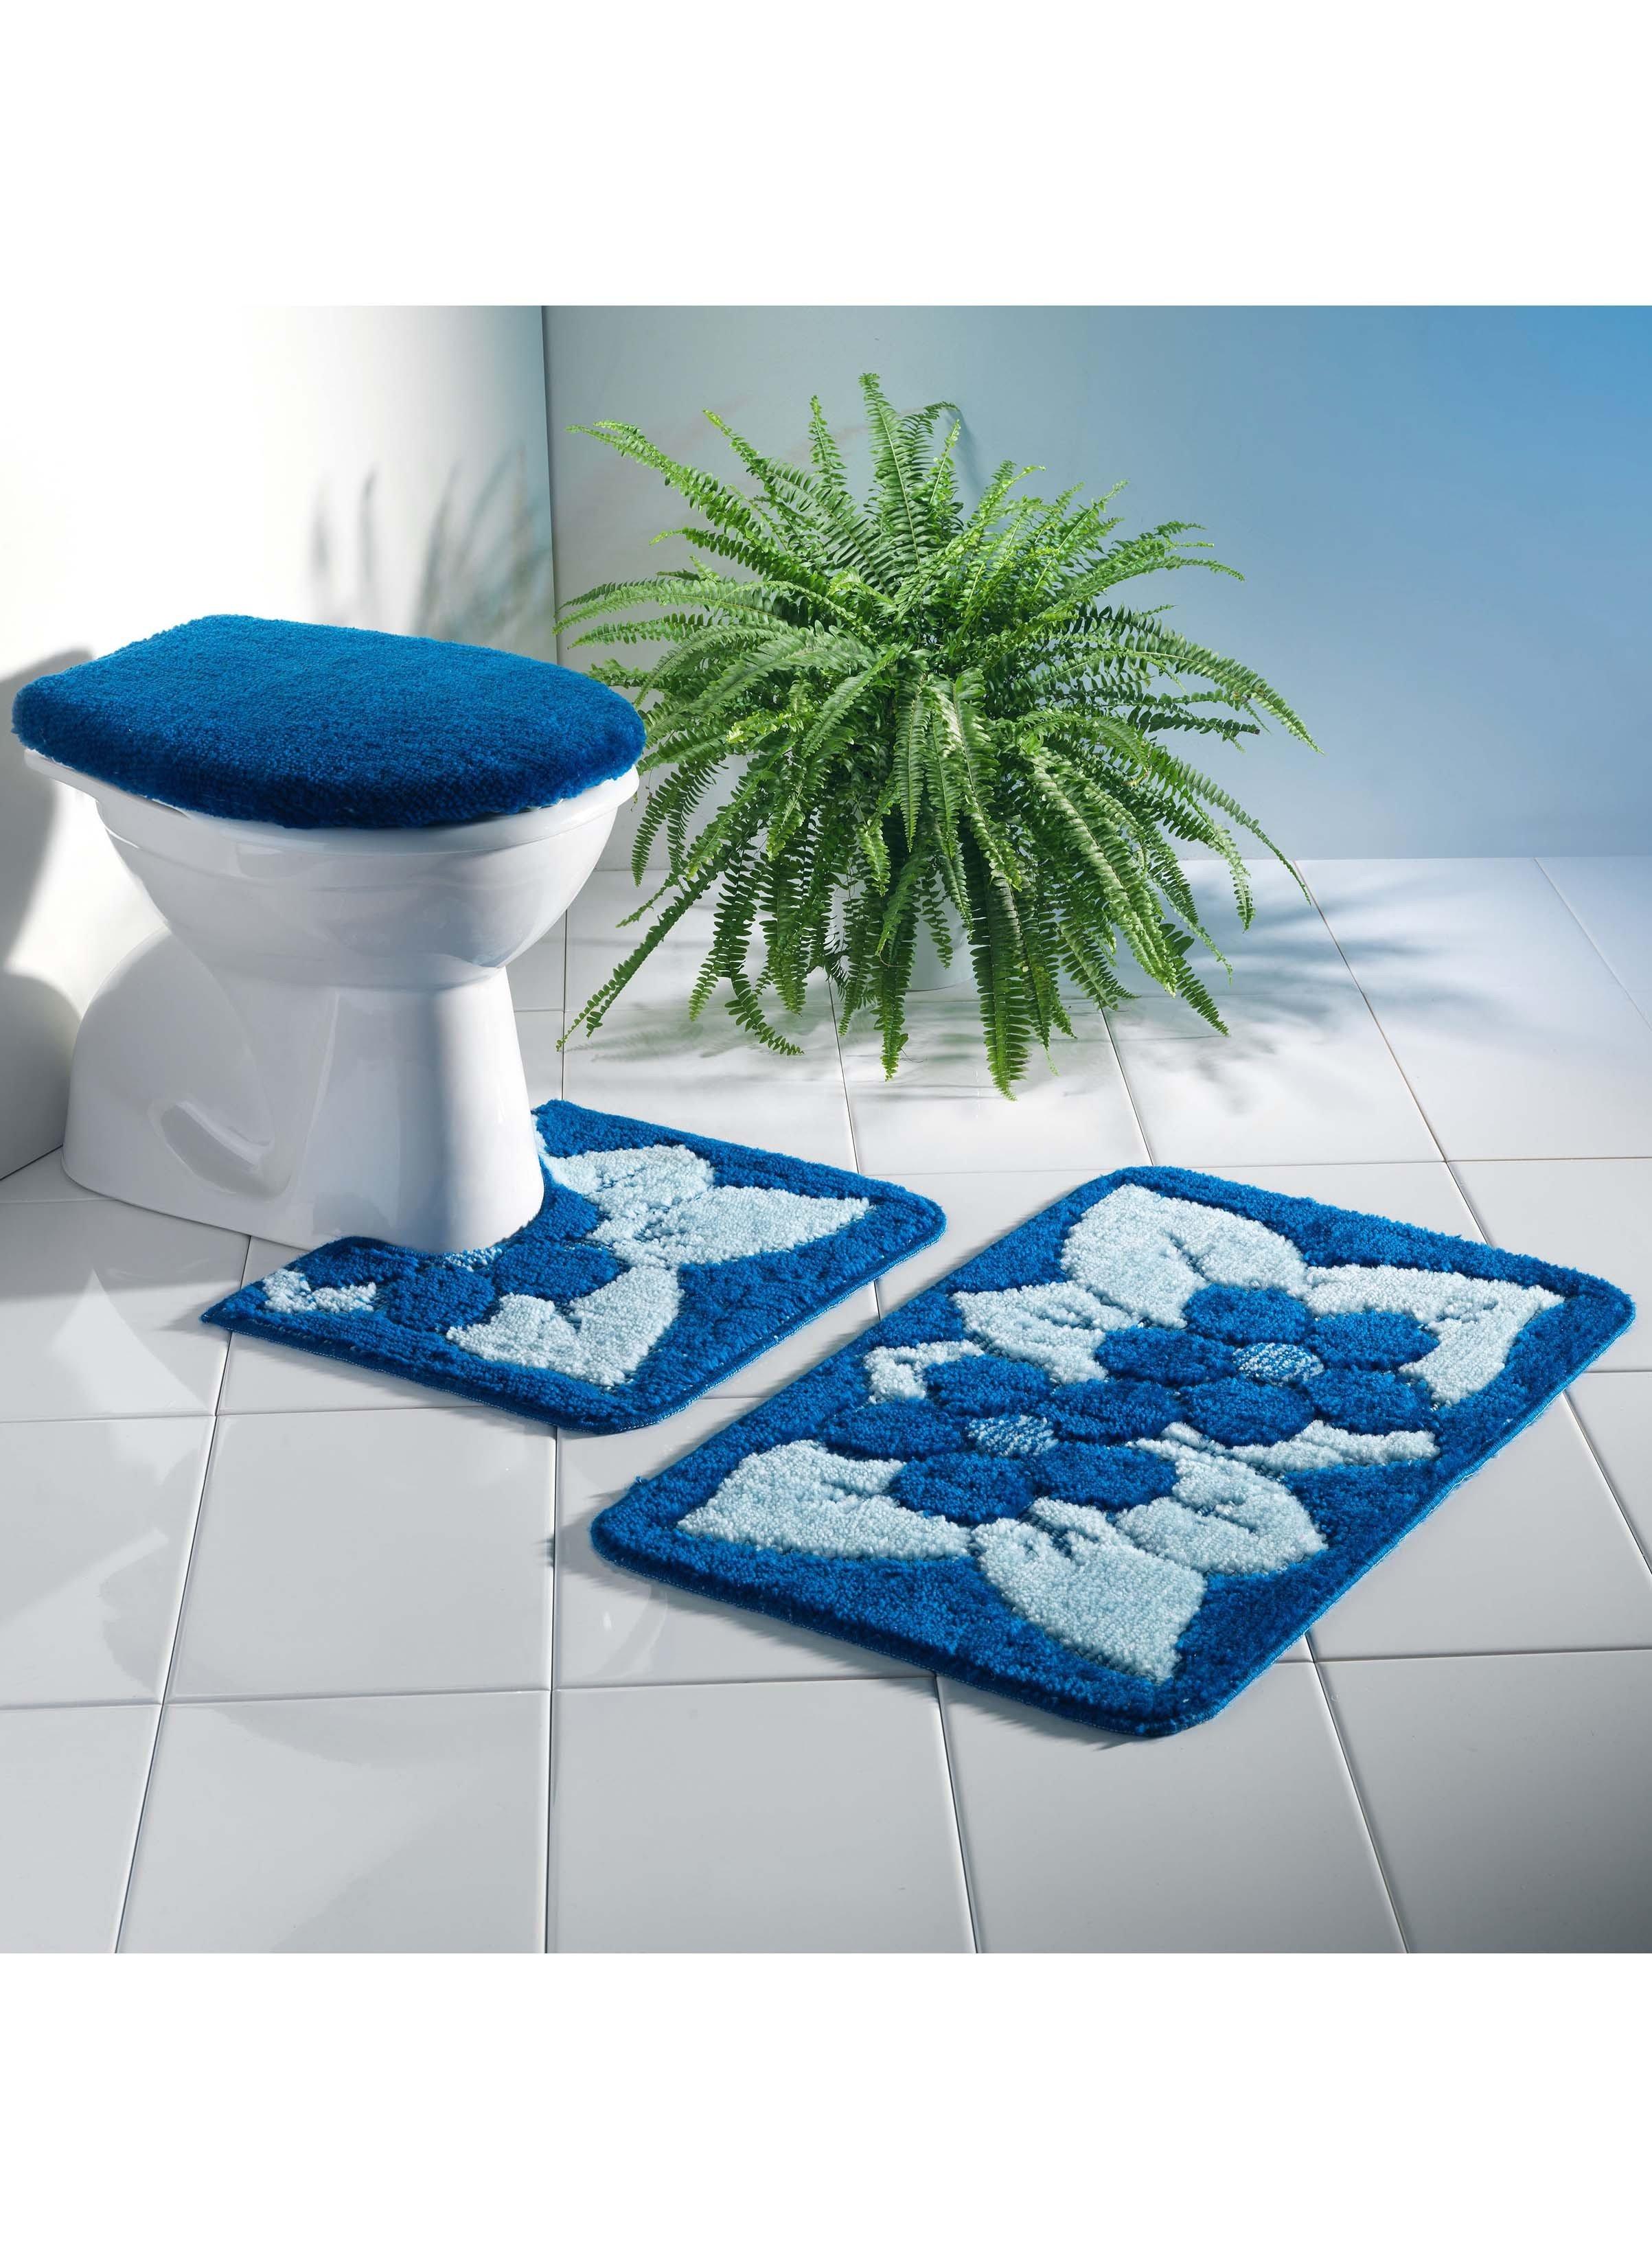 Garnitura per bagno/WC, Floral, con taglio